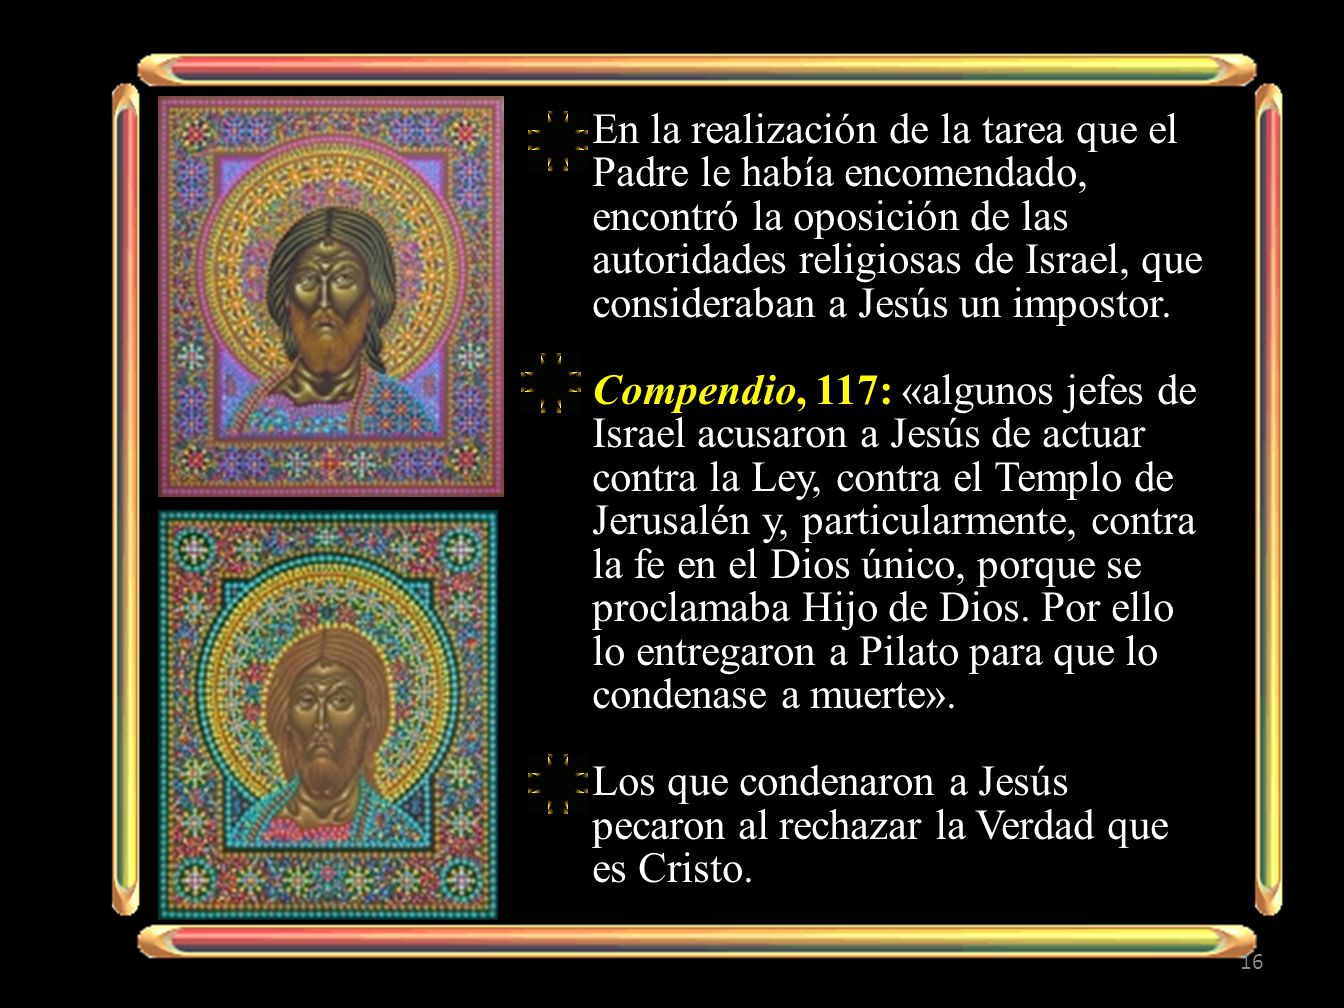 En la realización de la tarea que el Padre le había encomendado, encontró la oposición de las autoridades religiosas de Israel, que consideraban a Jesús un impostor.